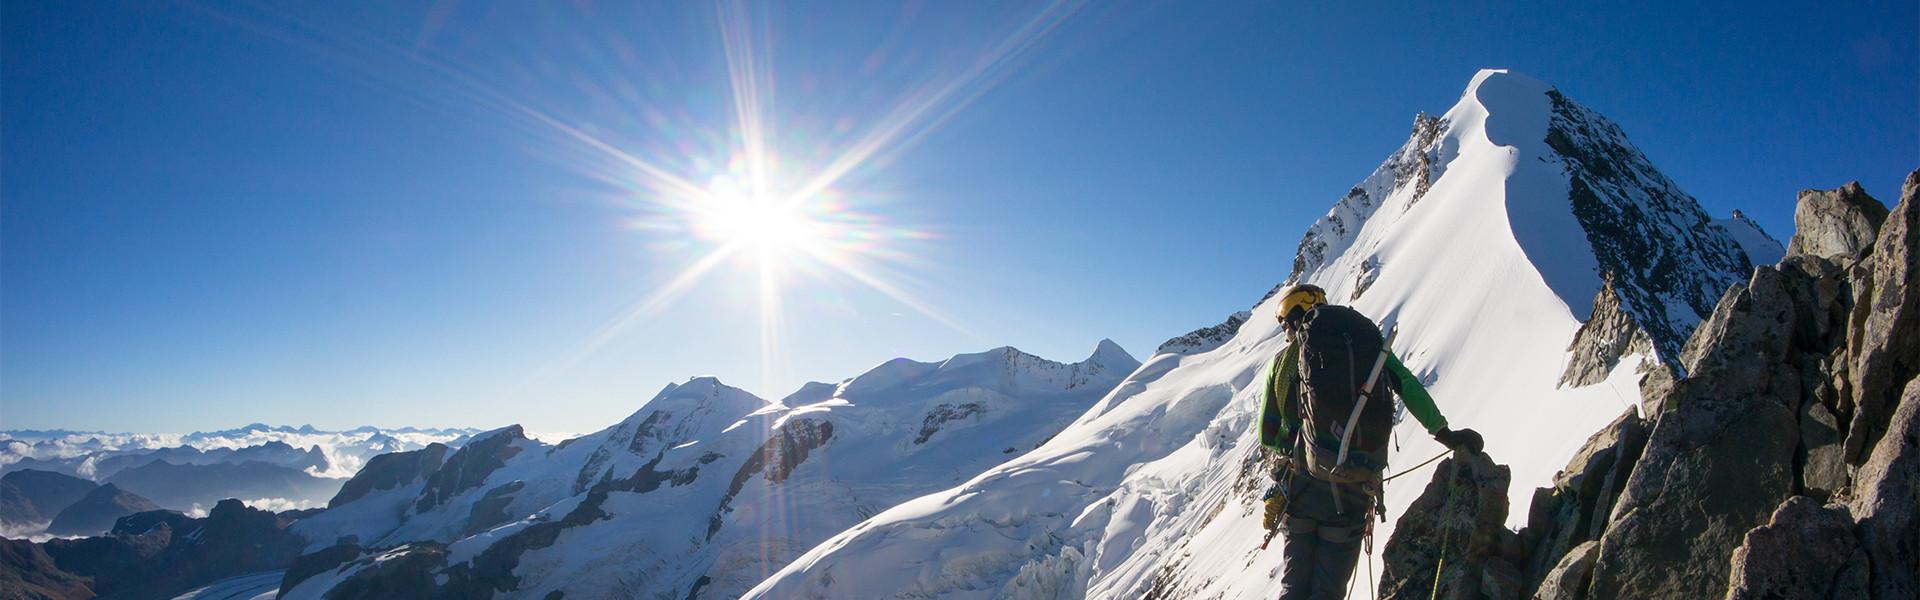 Bergsteiger bei Sonnenschein vor schneebedecktem Gipfel